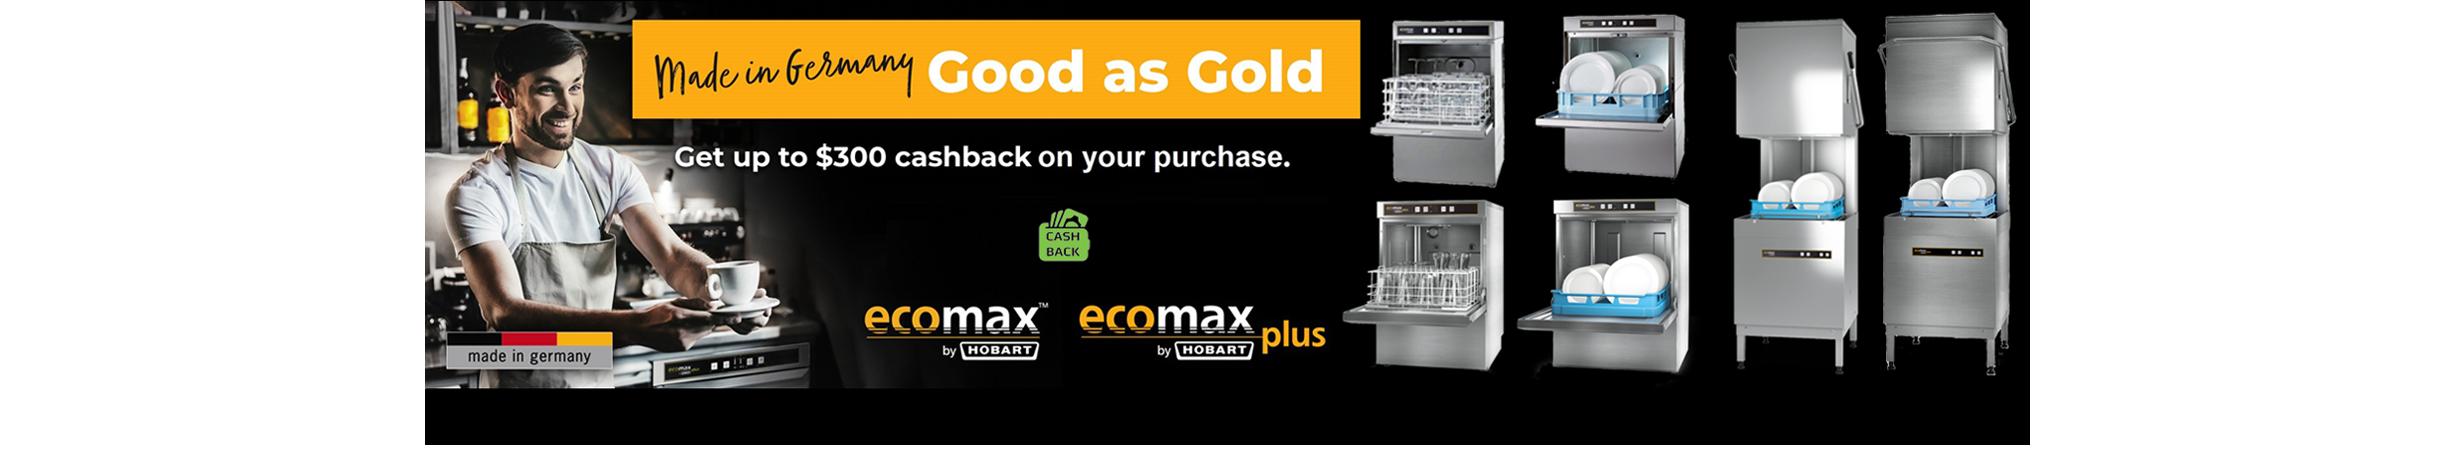 Hobart Dishwashers Cashback Promotion